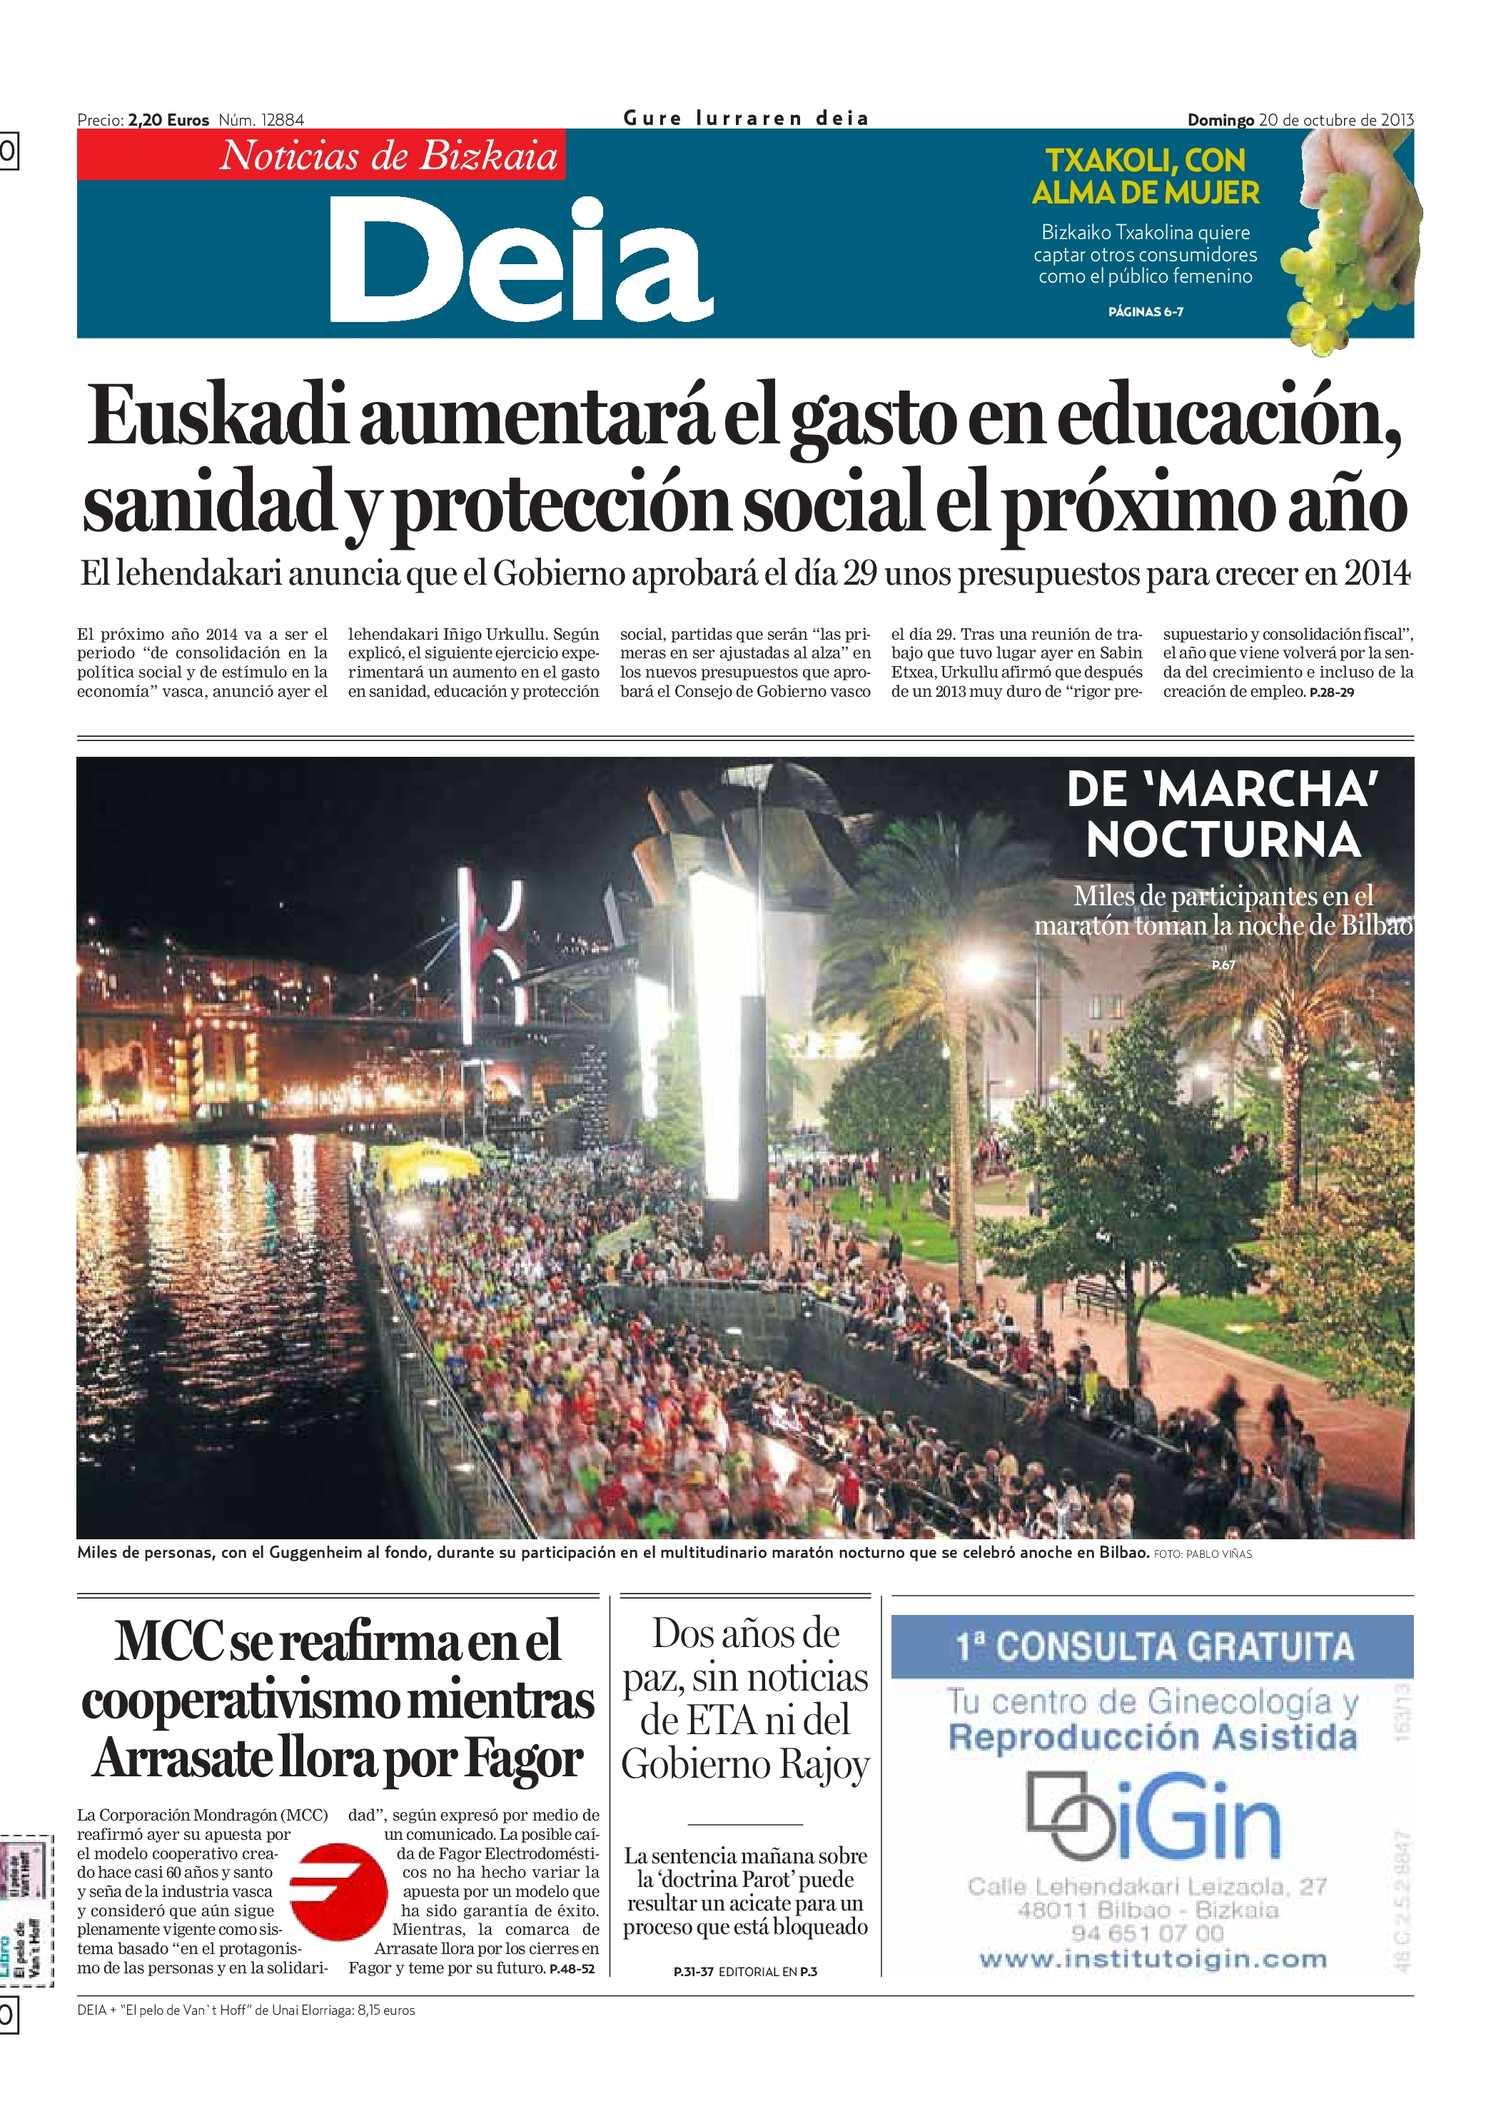 Calendario Escolar Granada 2020 19.Calameo Deia 20131020